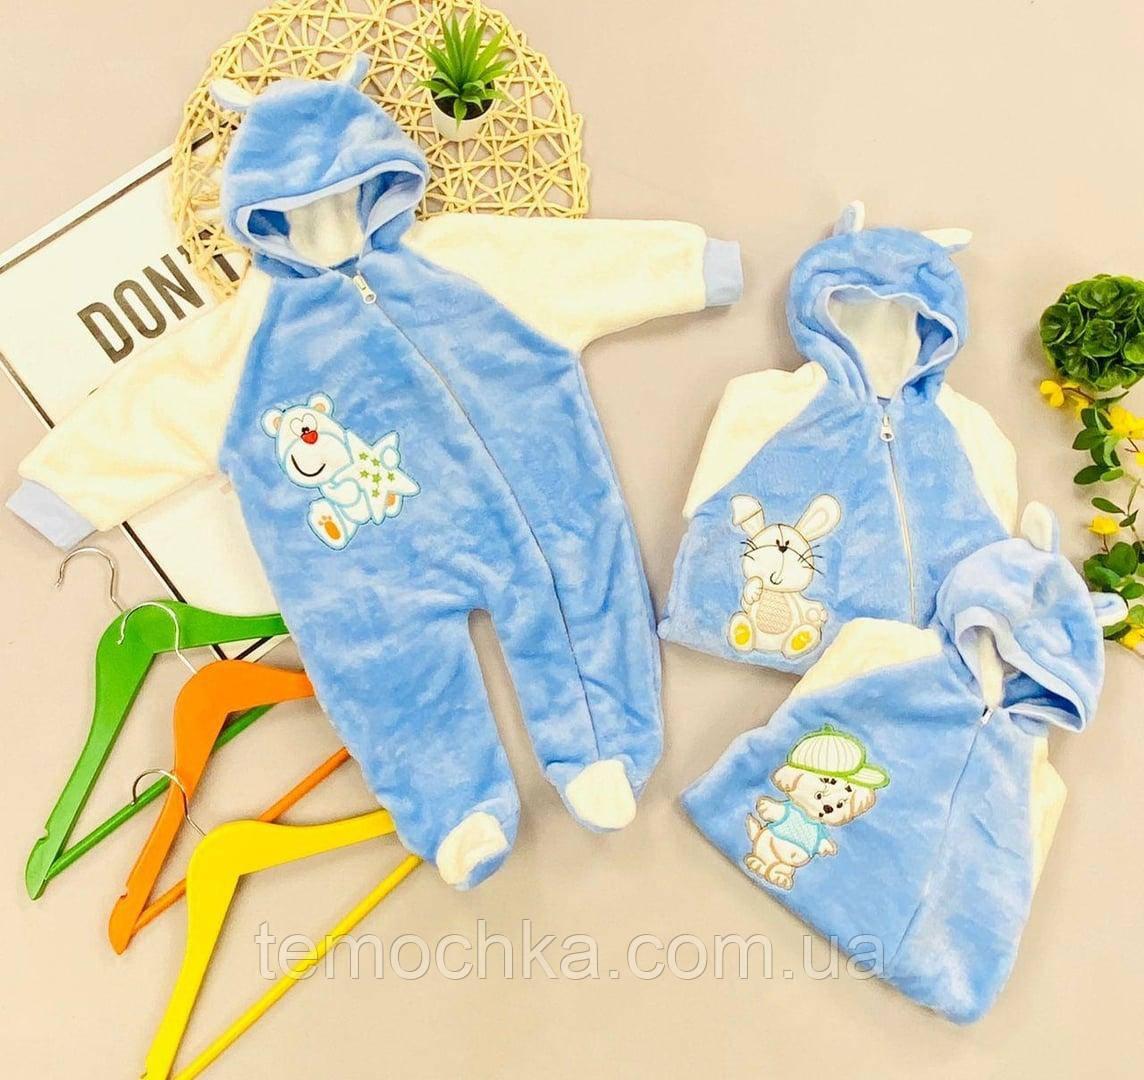 Боді чоловічок махровий теплий комплект для малюка дівчинки та хлопчика